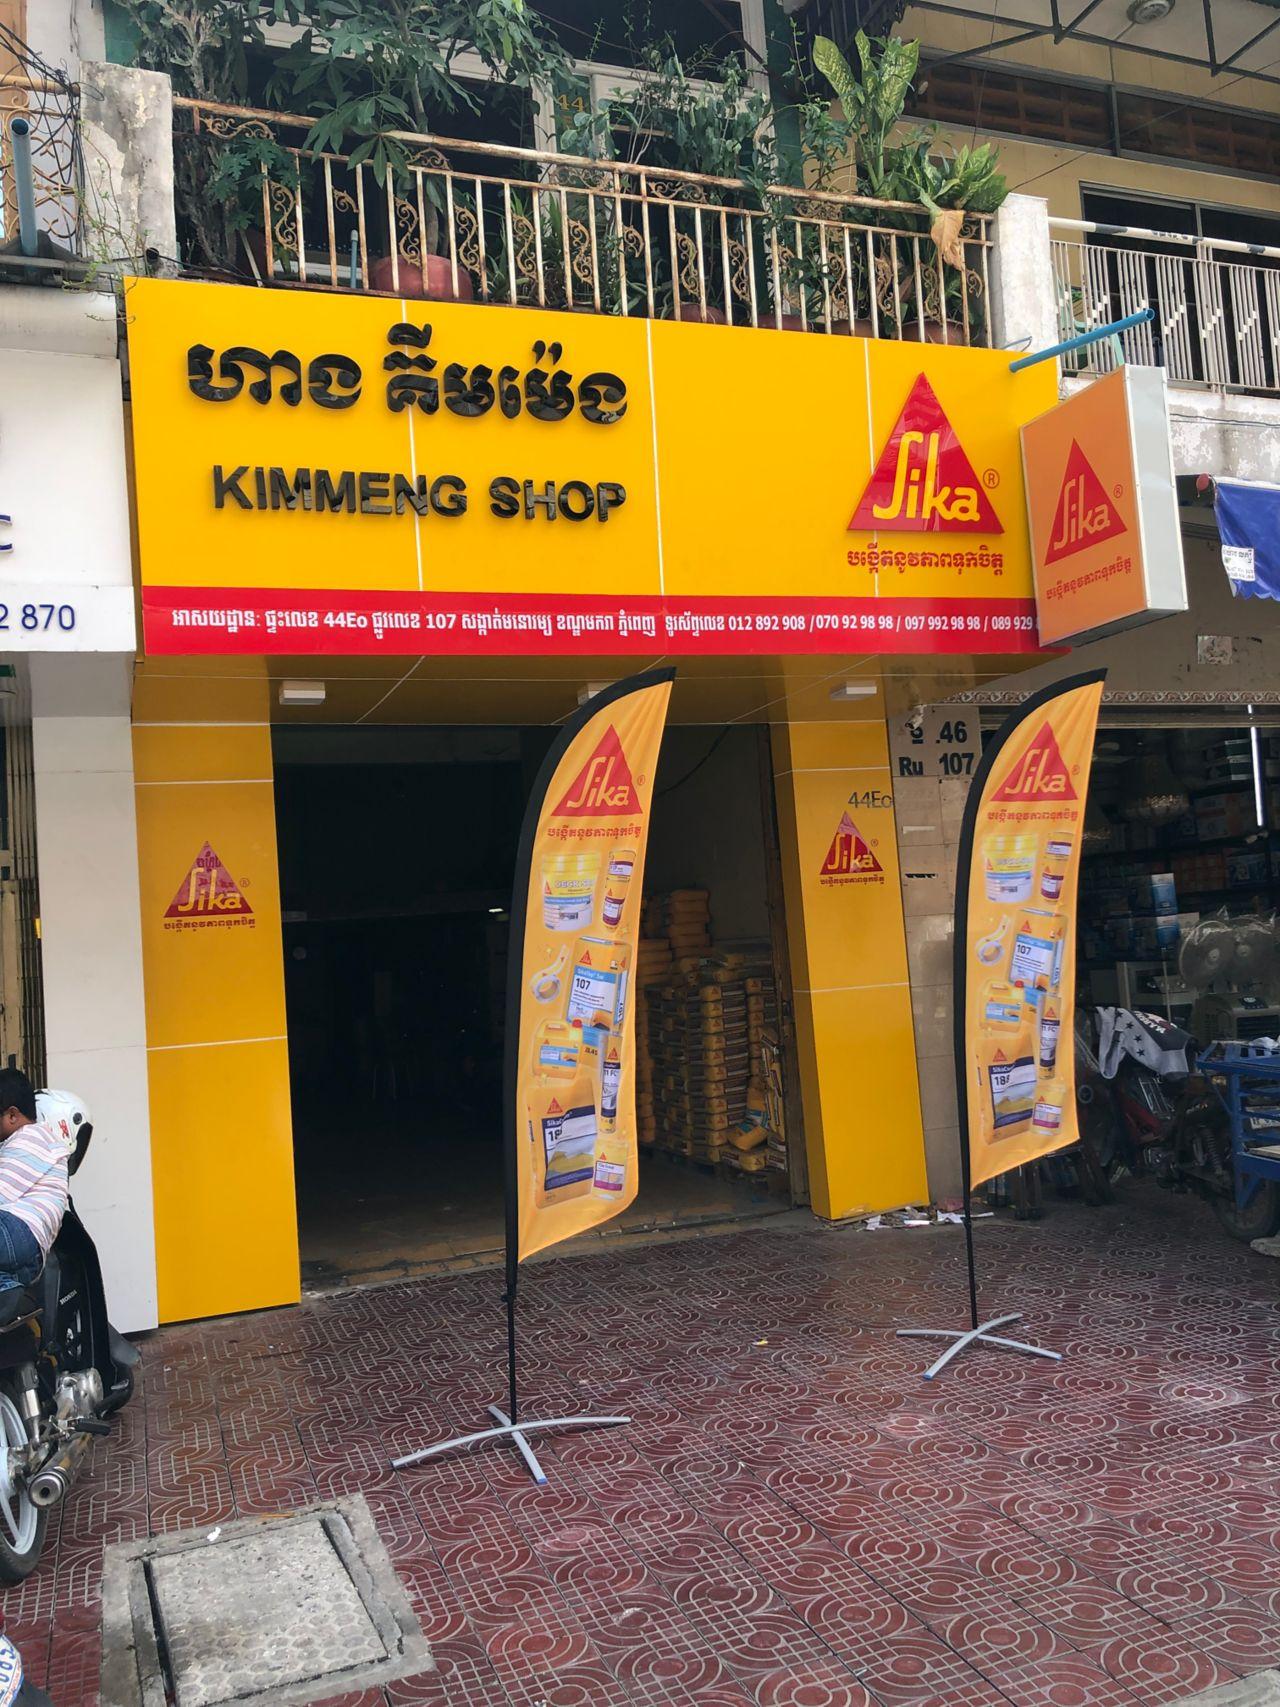 Kimmeng Shop